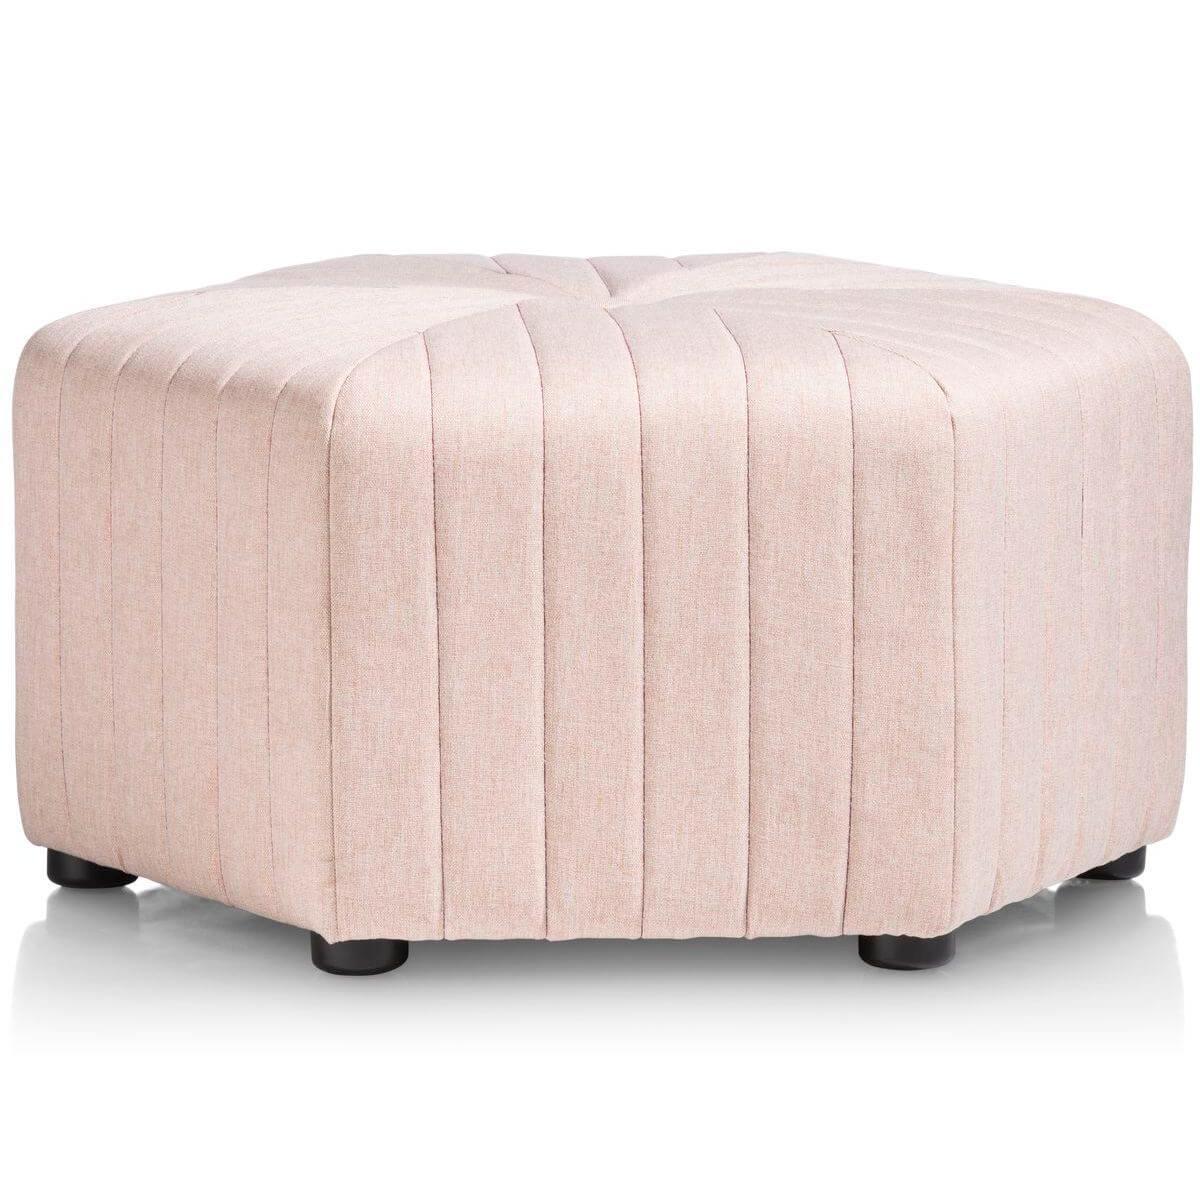 Pouf LORETTA Coco Maison rose